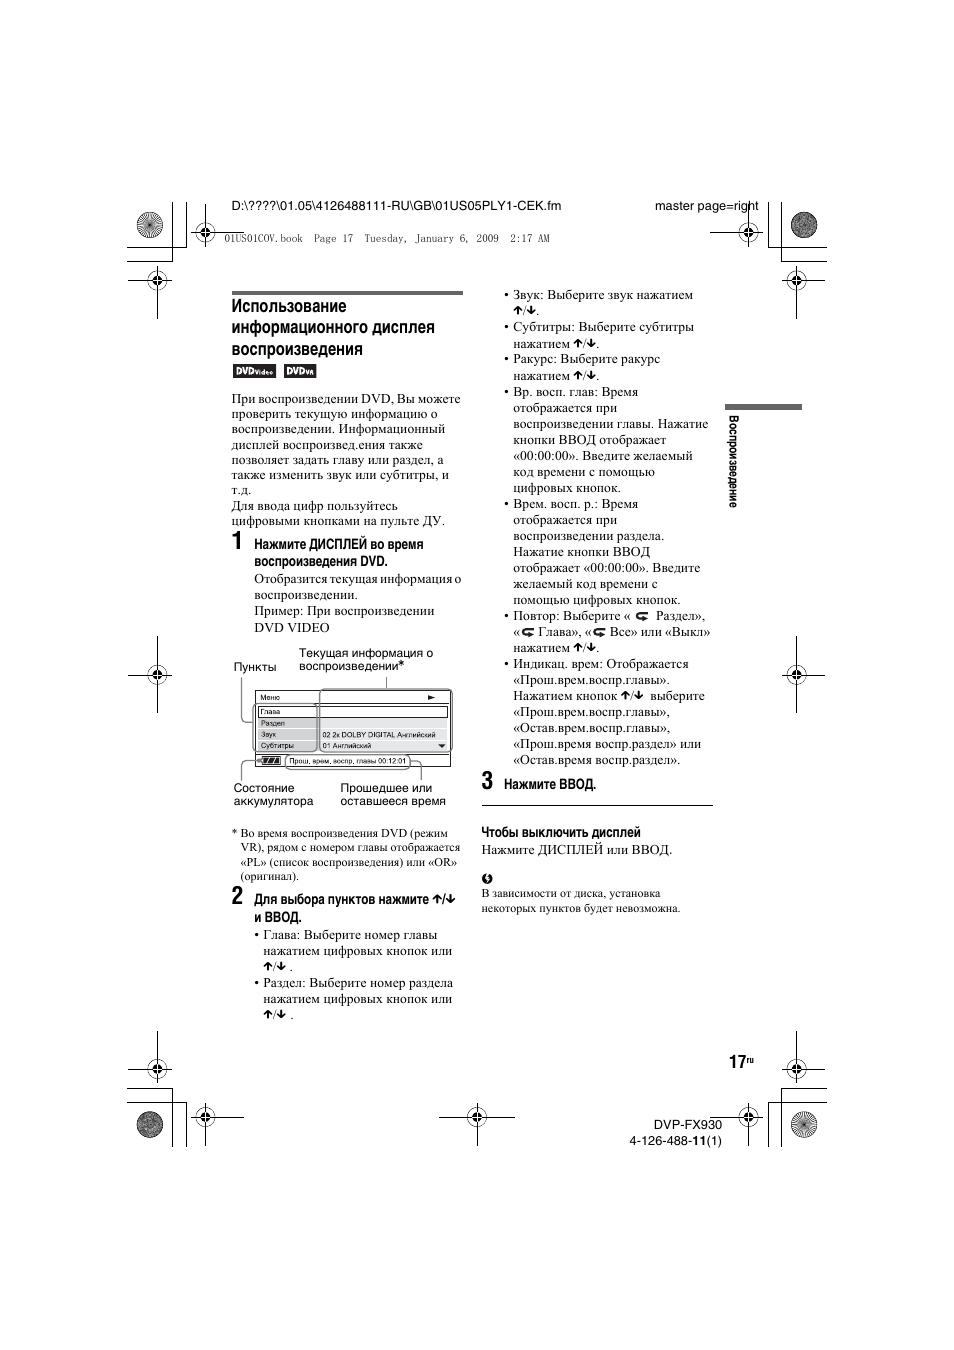 DVP-FX930 MANUAL PDF